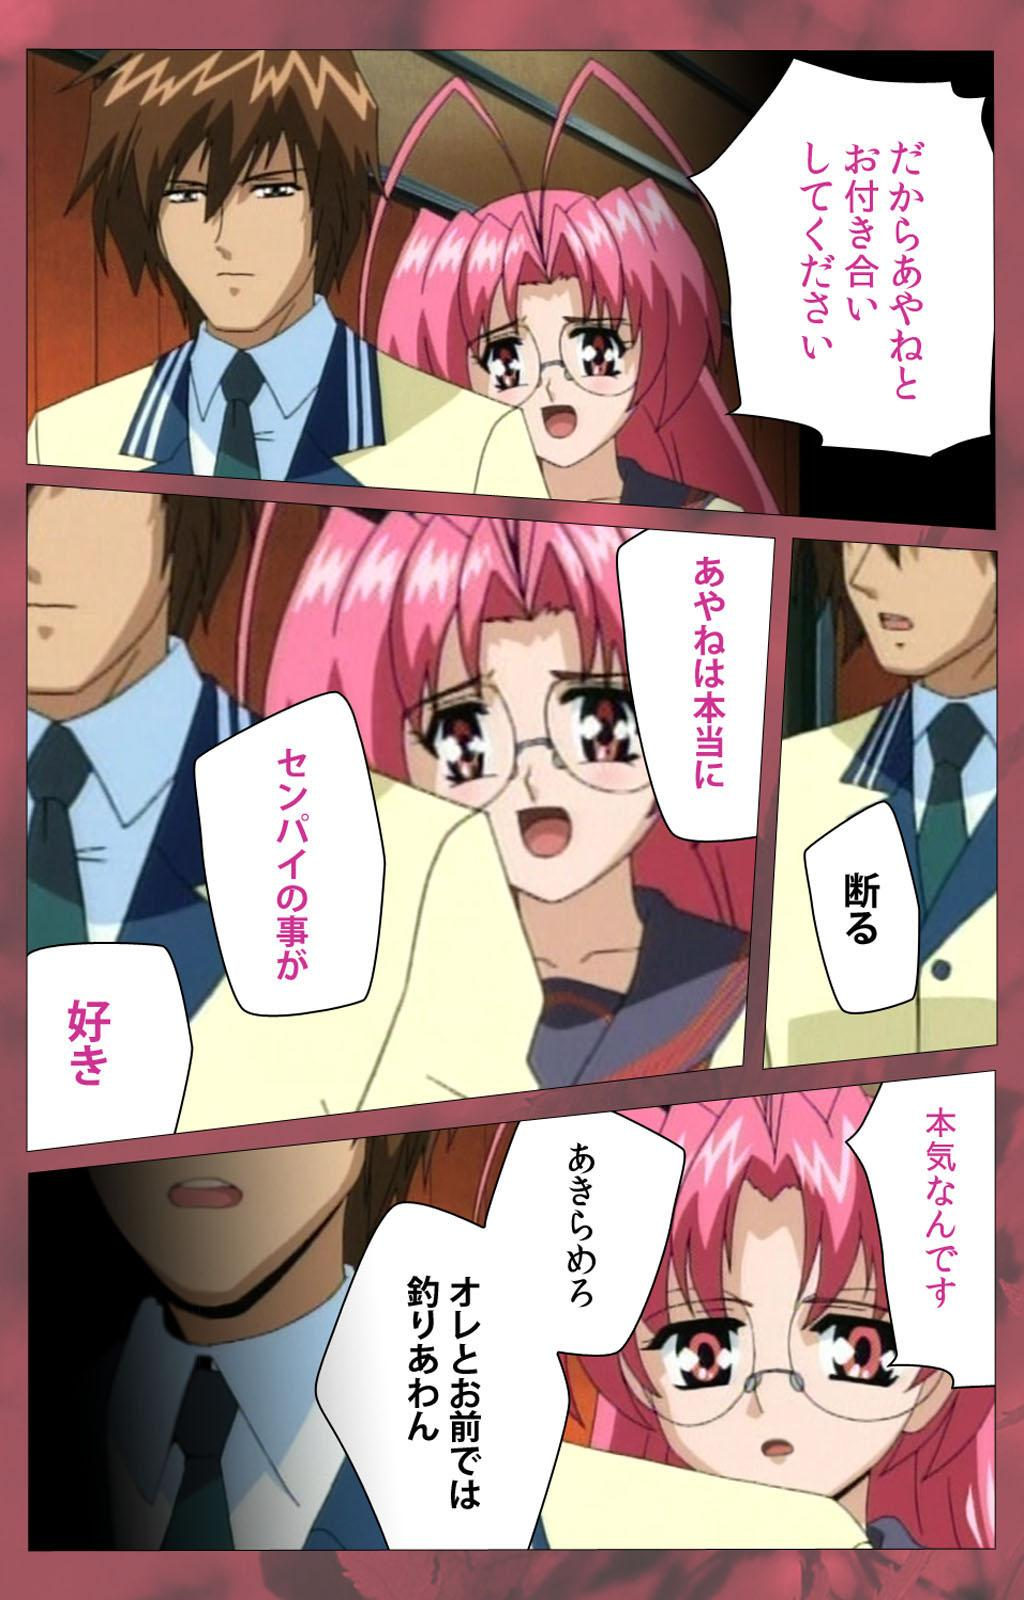 'watashi ningyo jaarimasen' kanzenhan 148